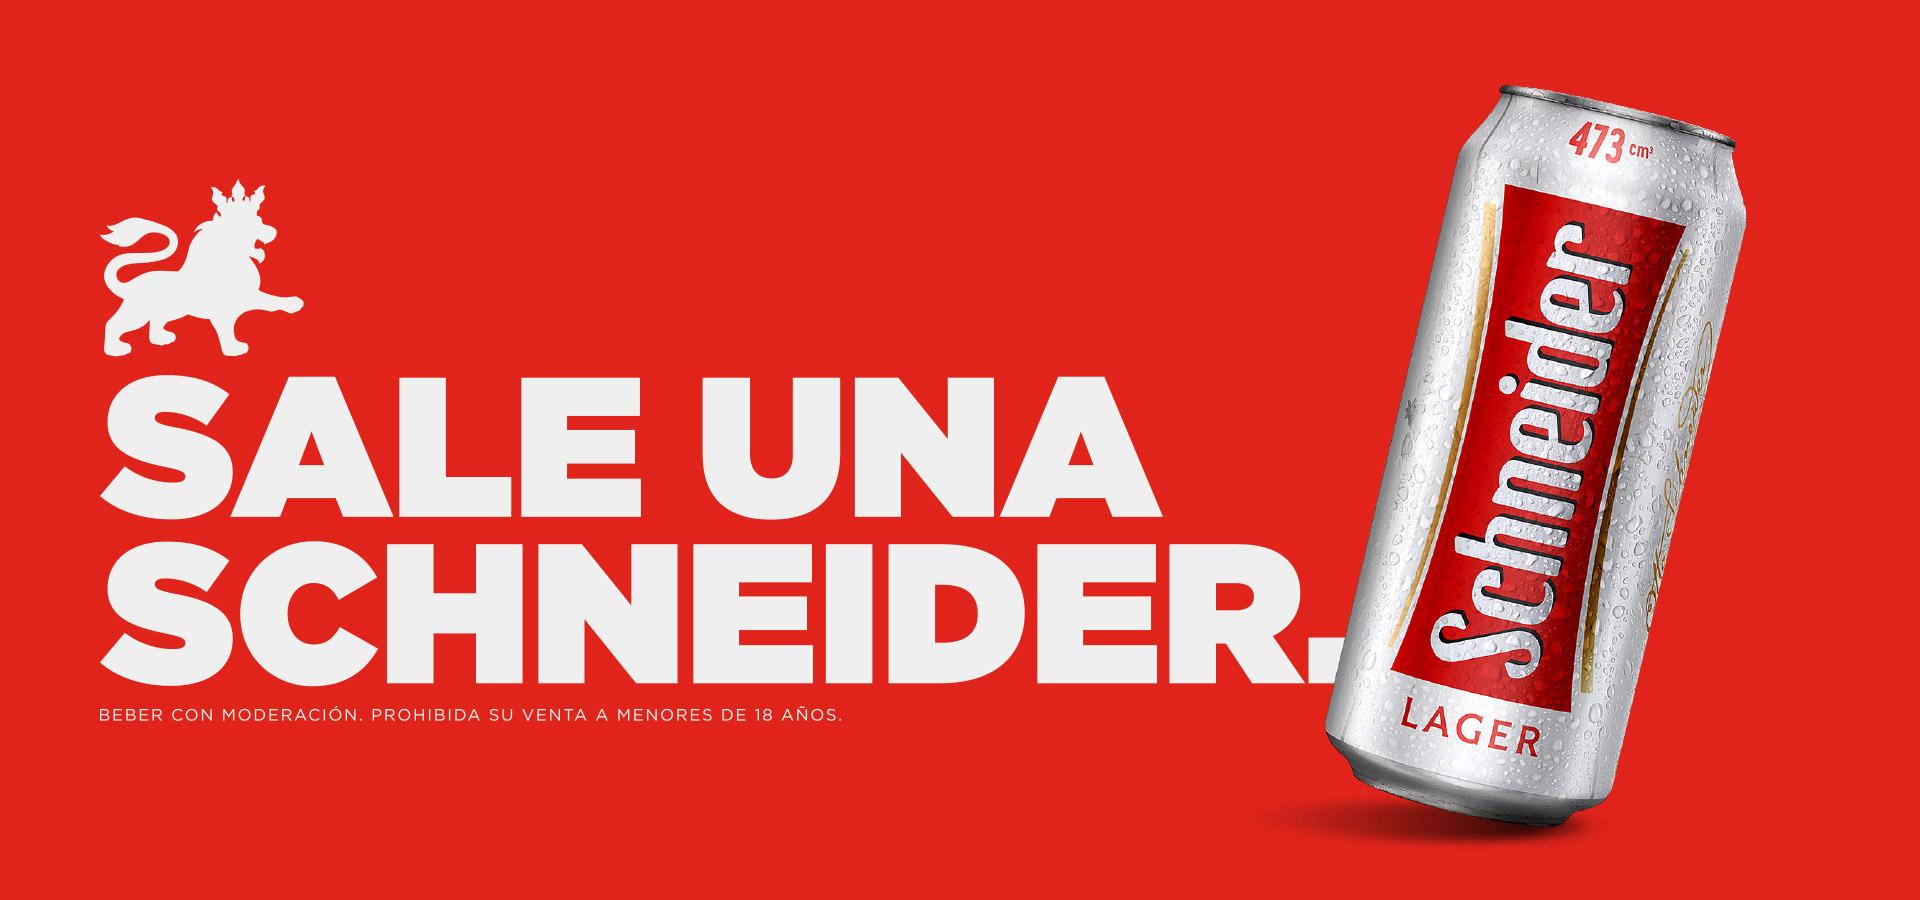 SCHNEIDER_02